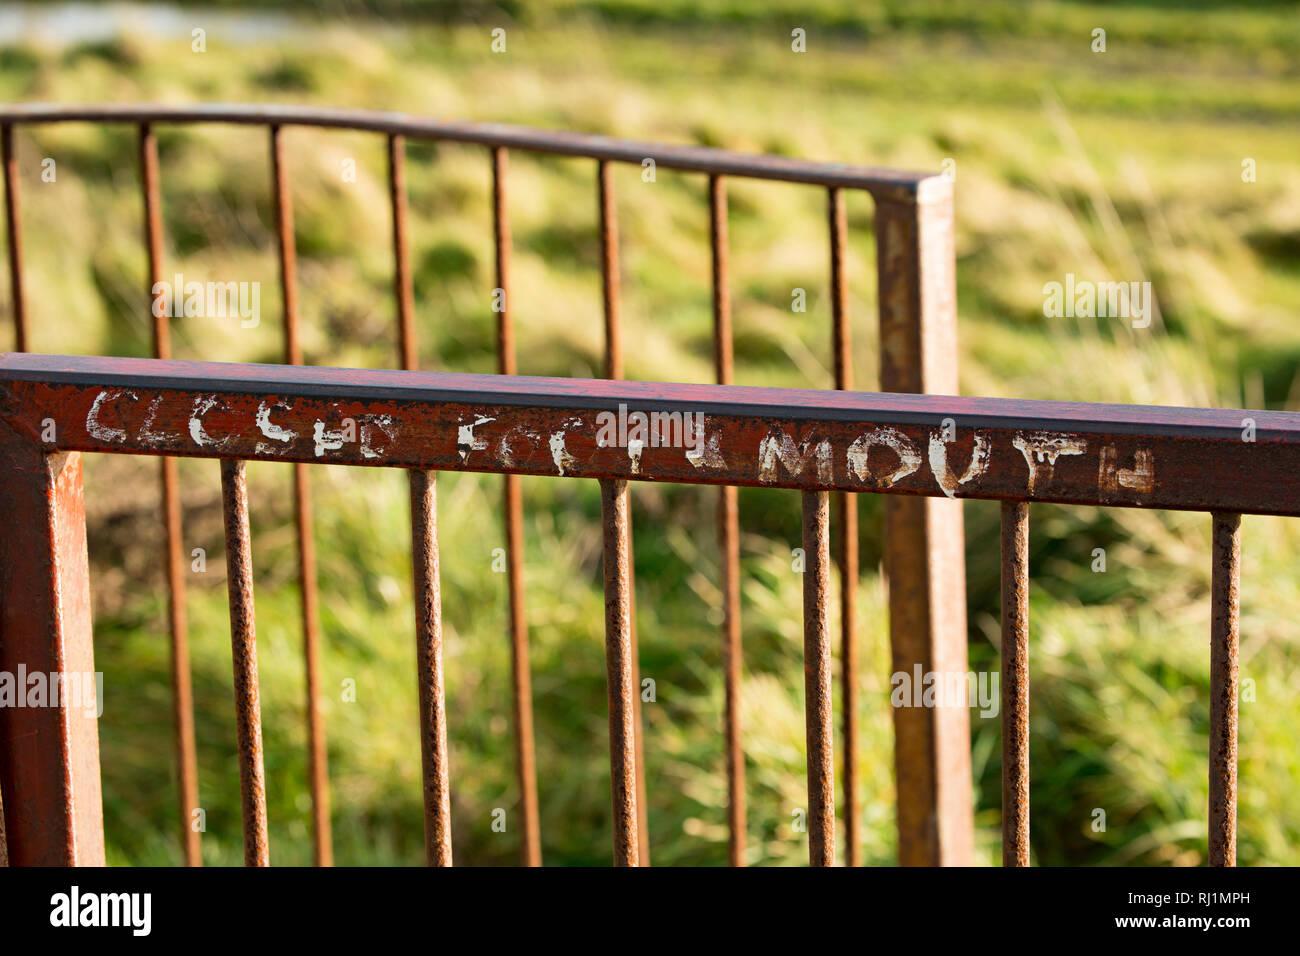 Alte Farbe noch auf ein Tor und sprach 'geschlossenen Maul- & Klauenseuche', die für die Maul- und Klauenseuche im Vereinigten Königreich im Jahr 2001 bezieht sich sichtbar. Über sechs Millionen farm Ani Stockbild